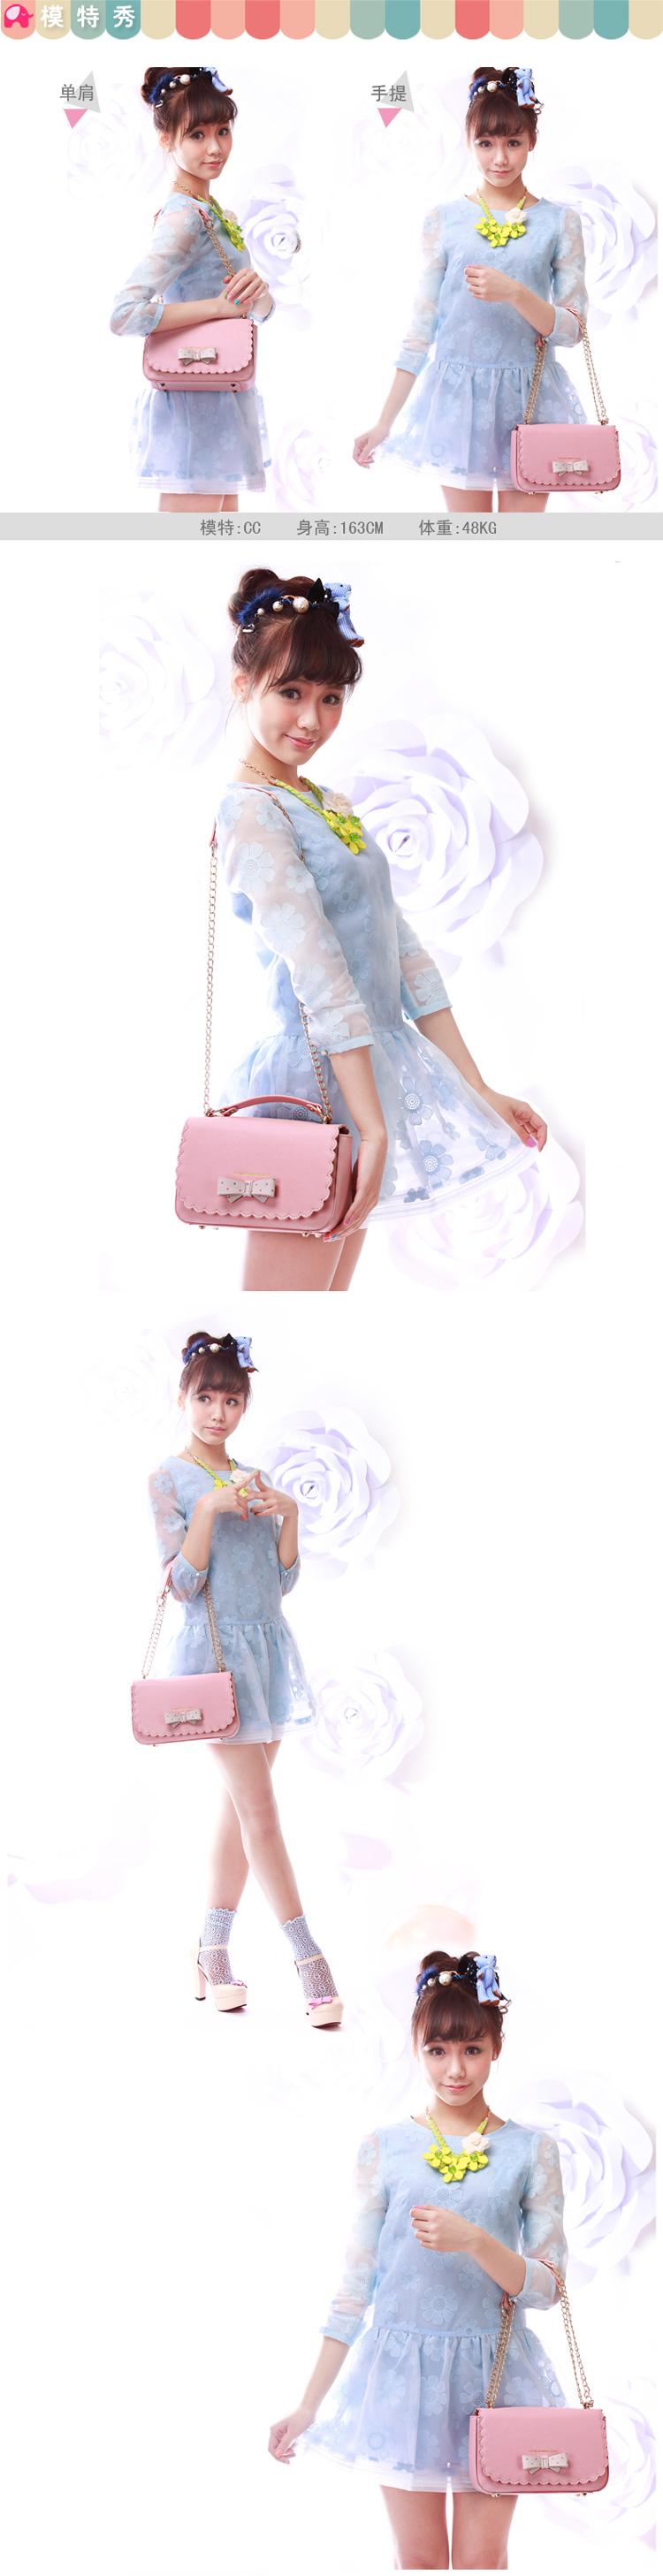 กระเป๋าสะพาย Share Young สายโซ่สีชมพู (พรีออเดอร์)